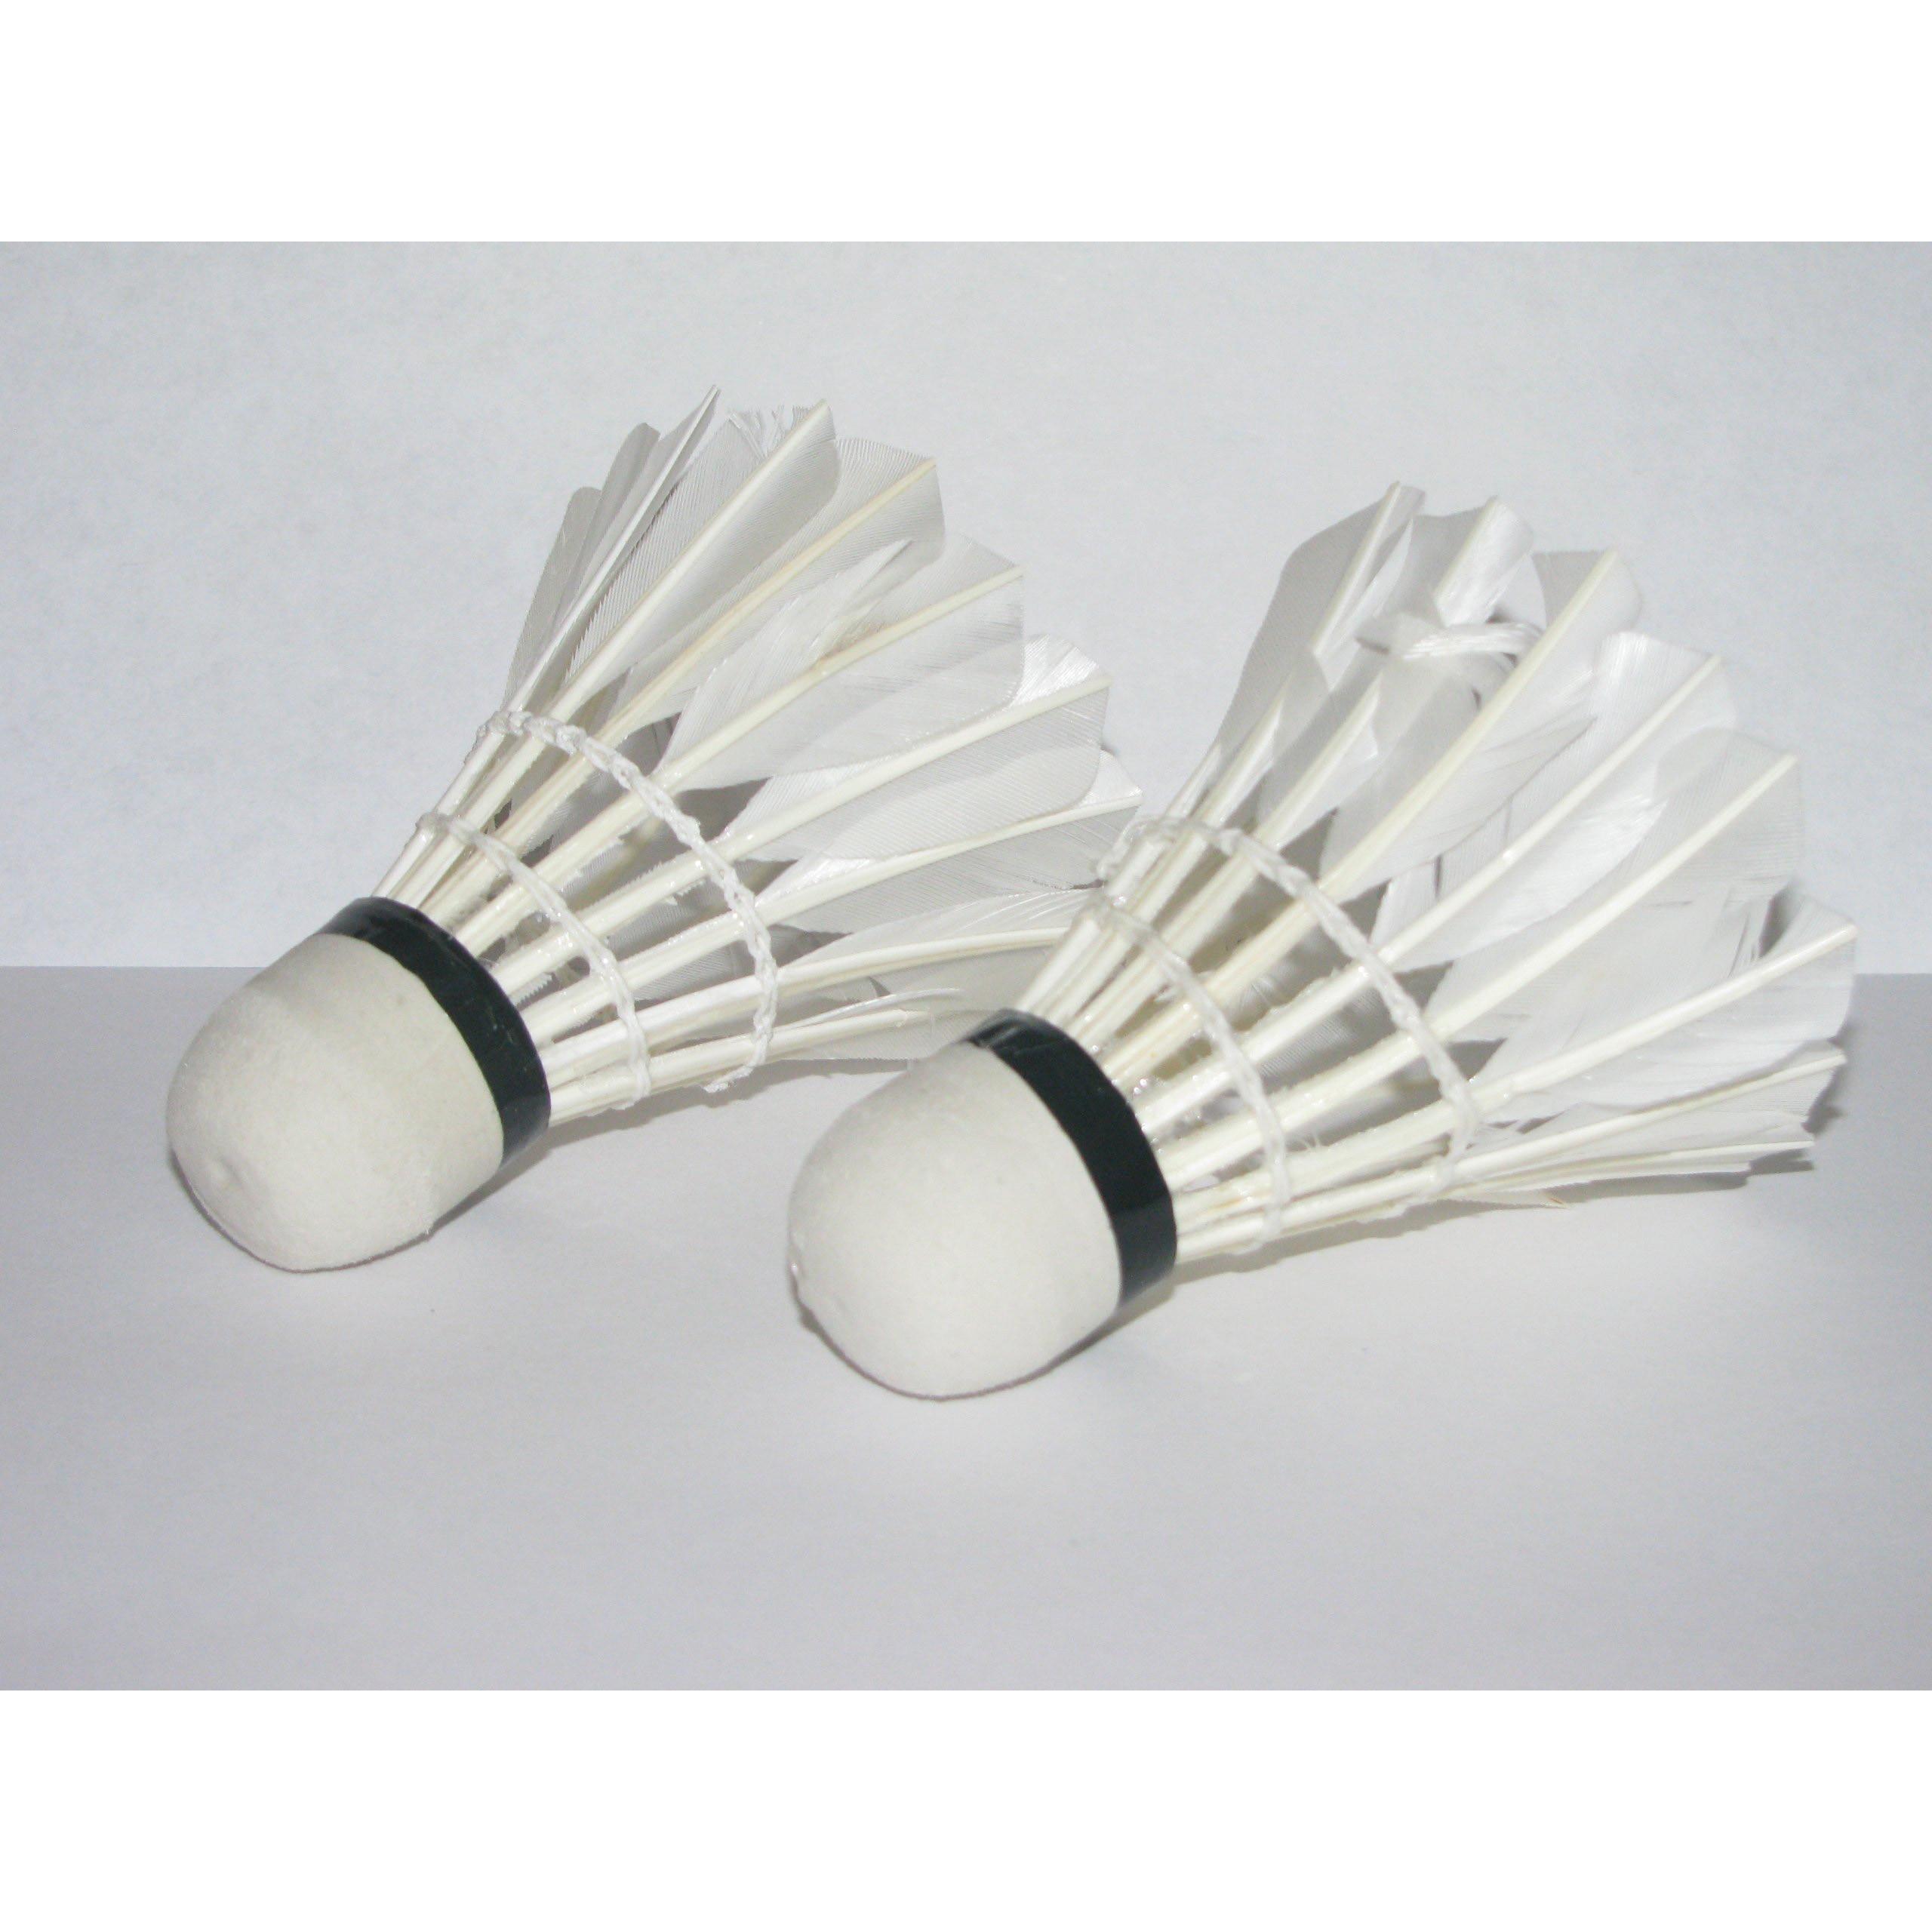 Super sell New LED Light-Up Badminton Birdies (Set of 2) Shuttlecocks Shuttlecock Feather